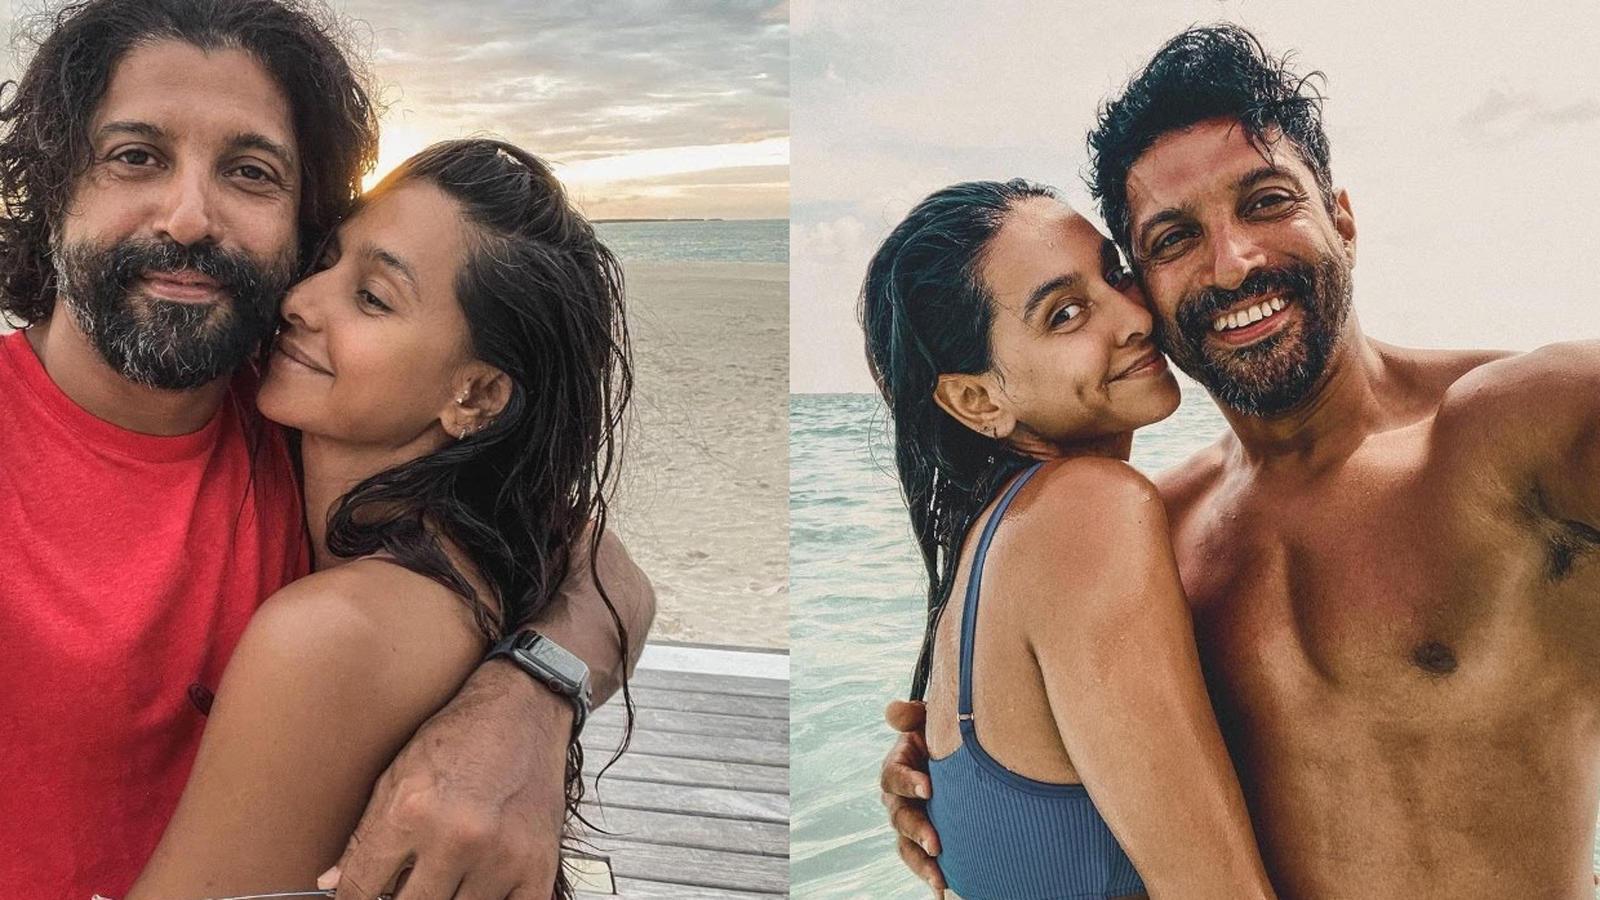 shibani-dandekar-opens-up-about-wedding-rumours-with-farhan-akhtar